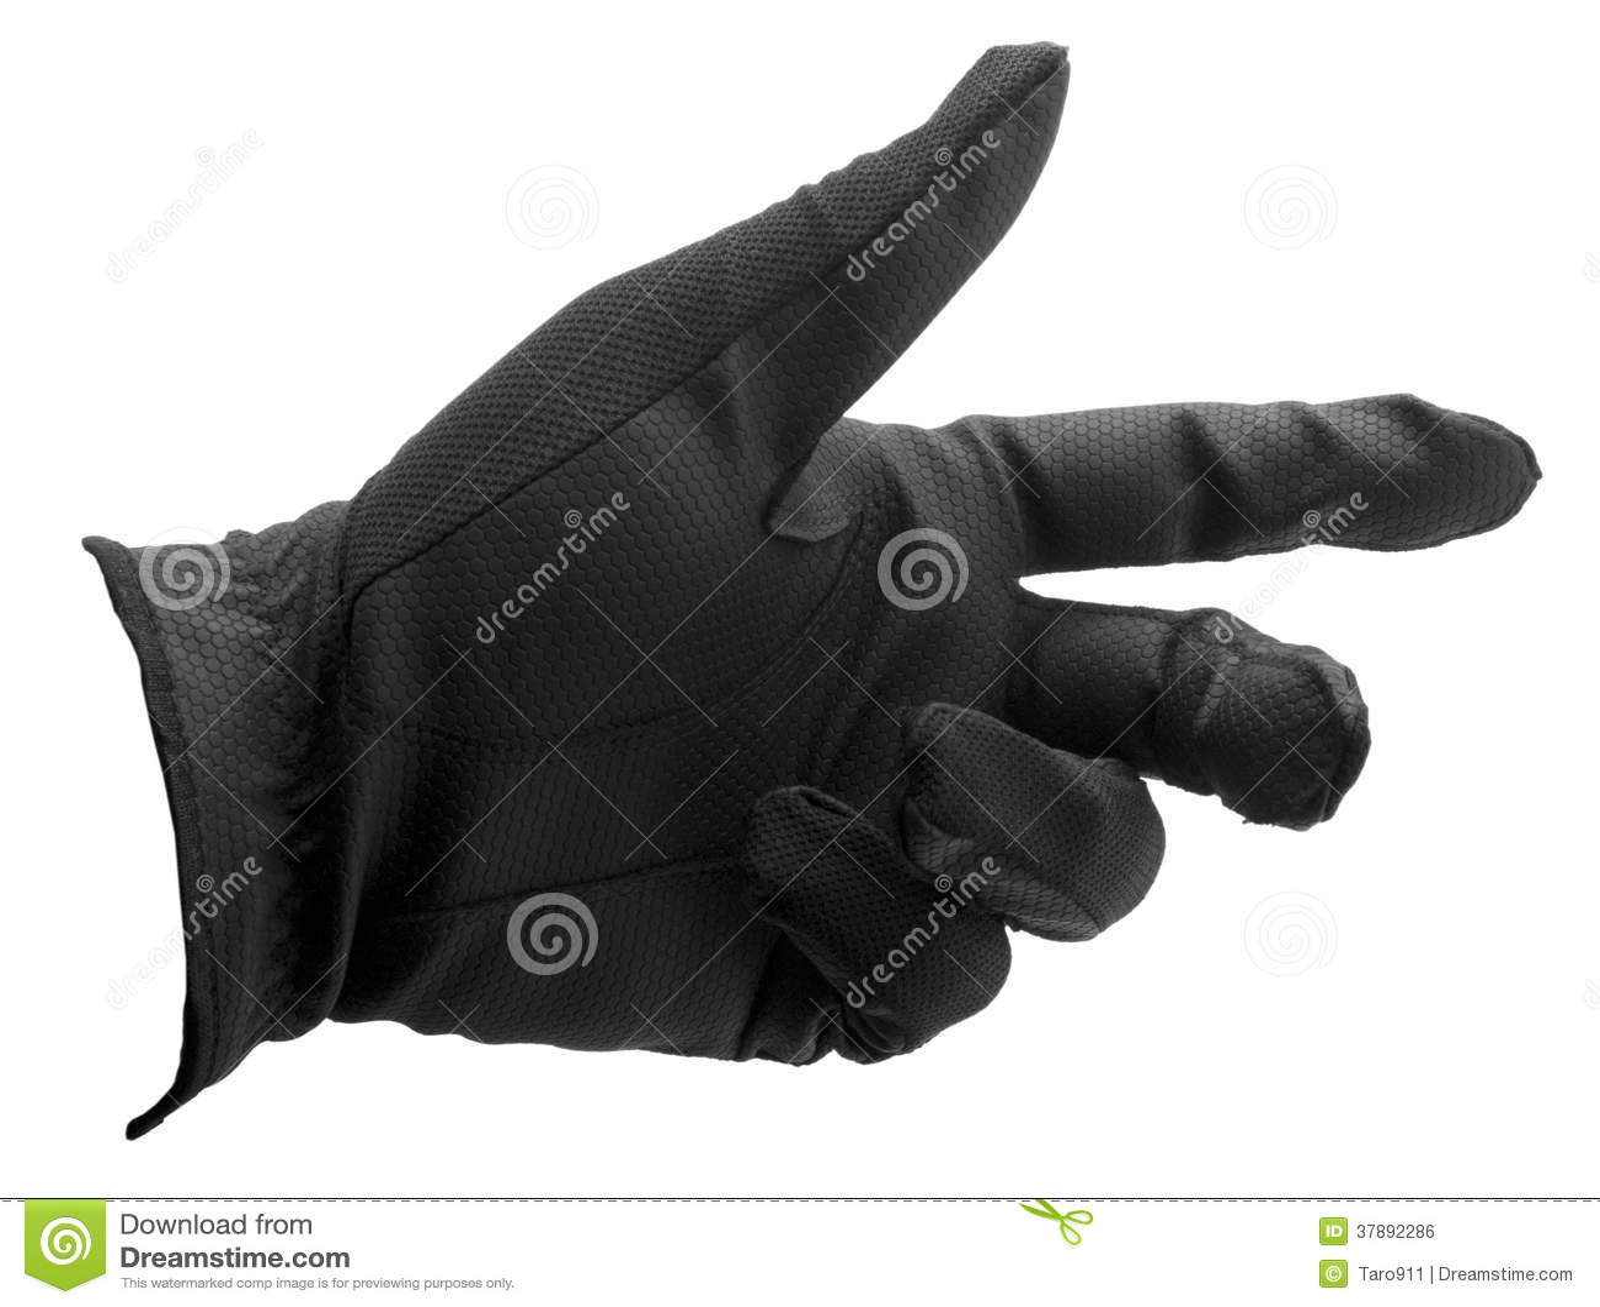 Zwarte golfhandschoen